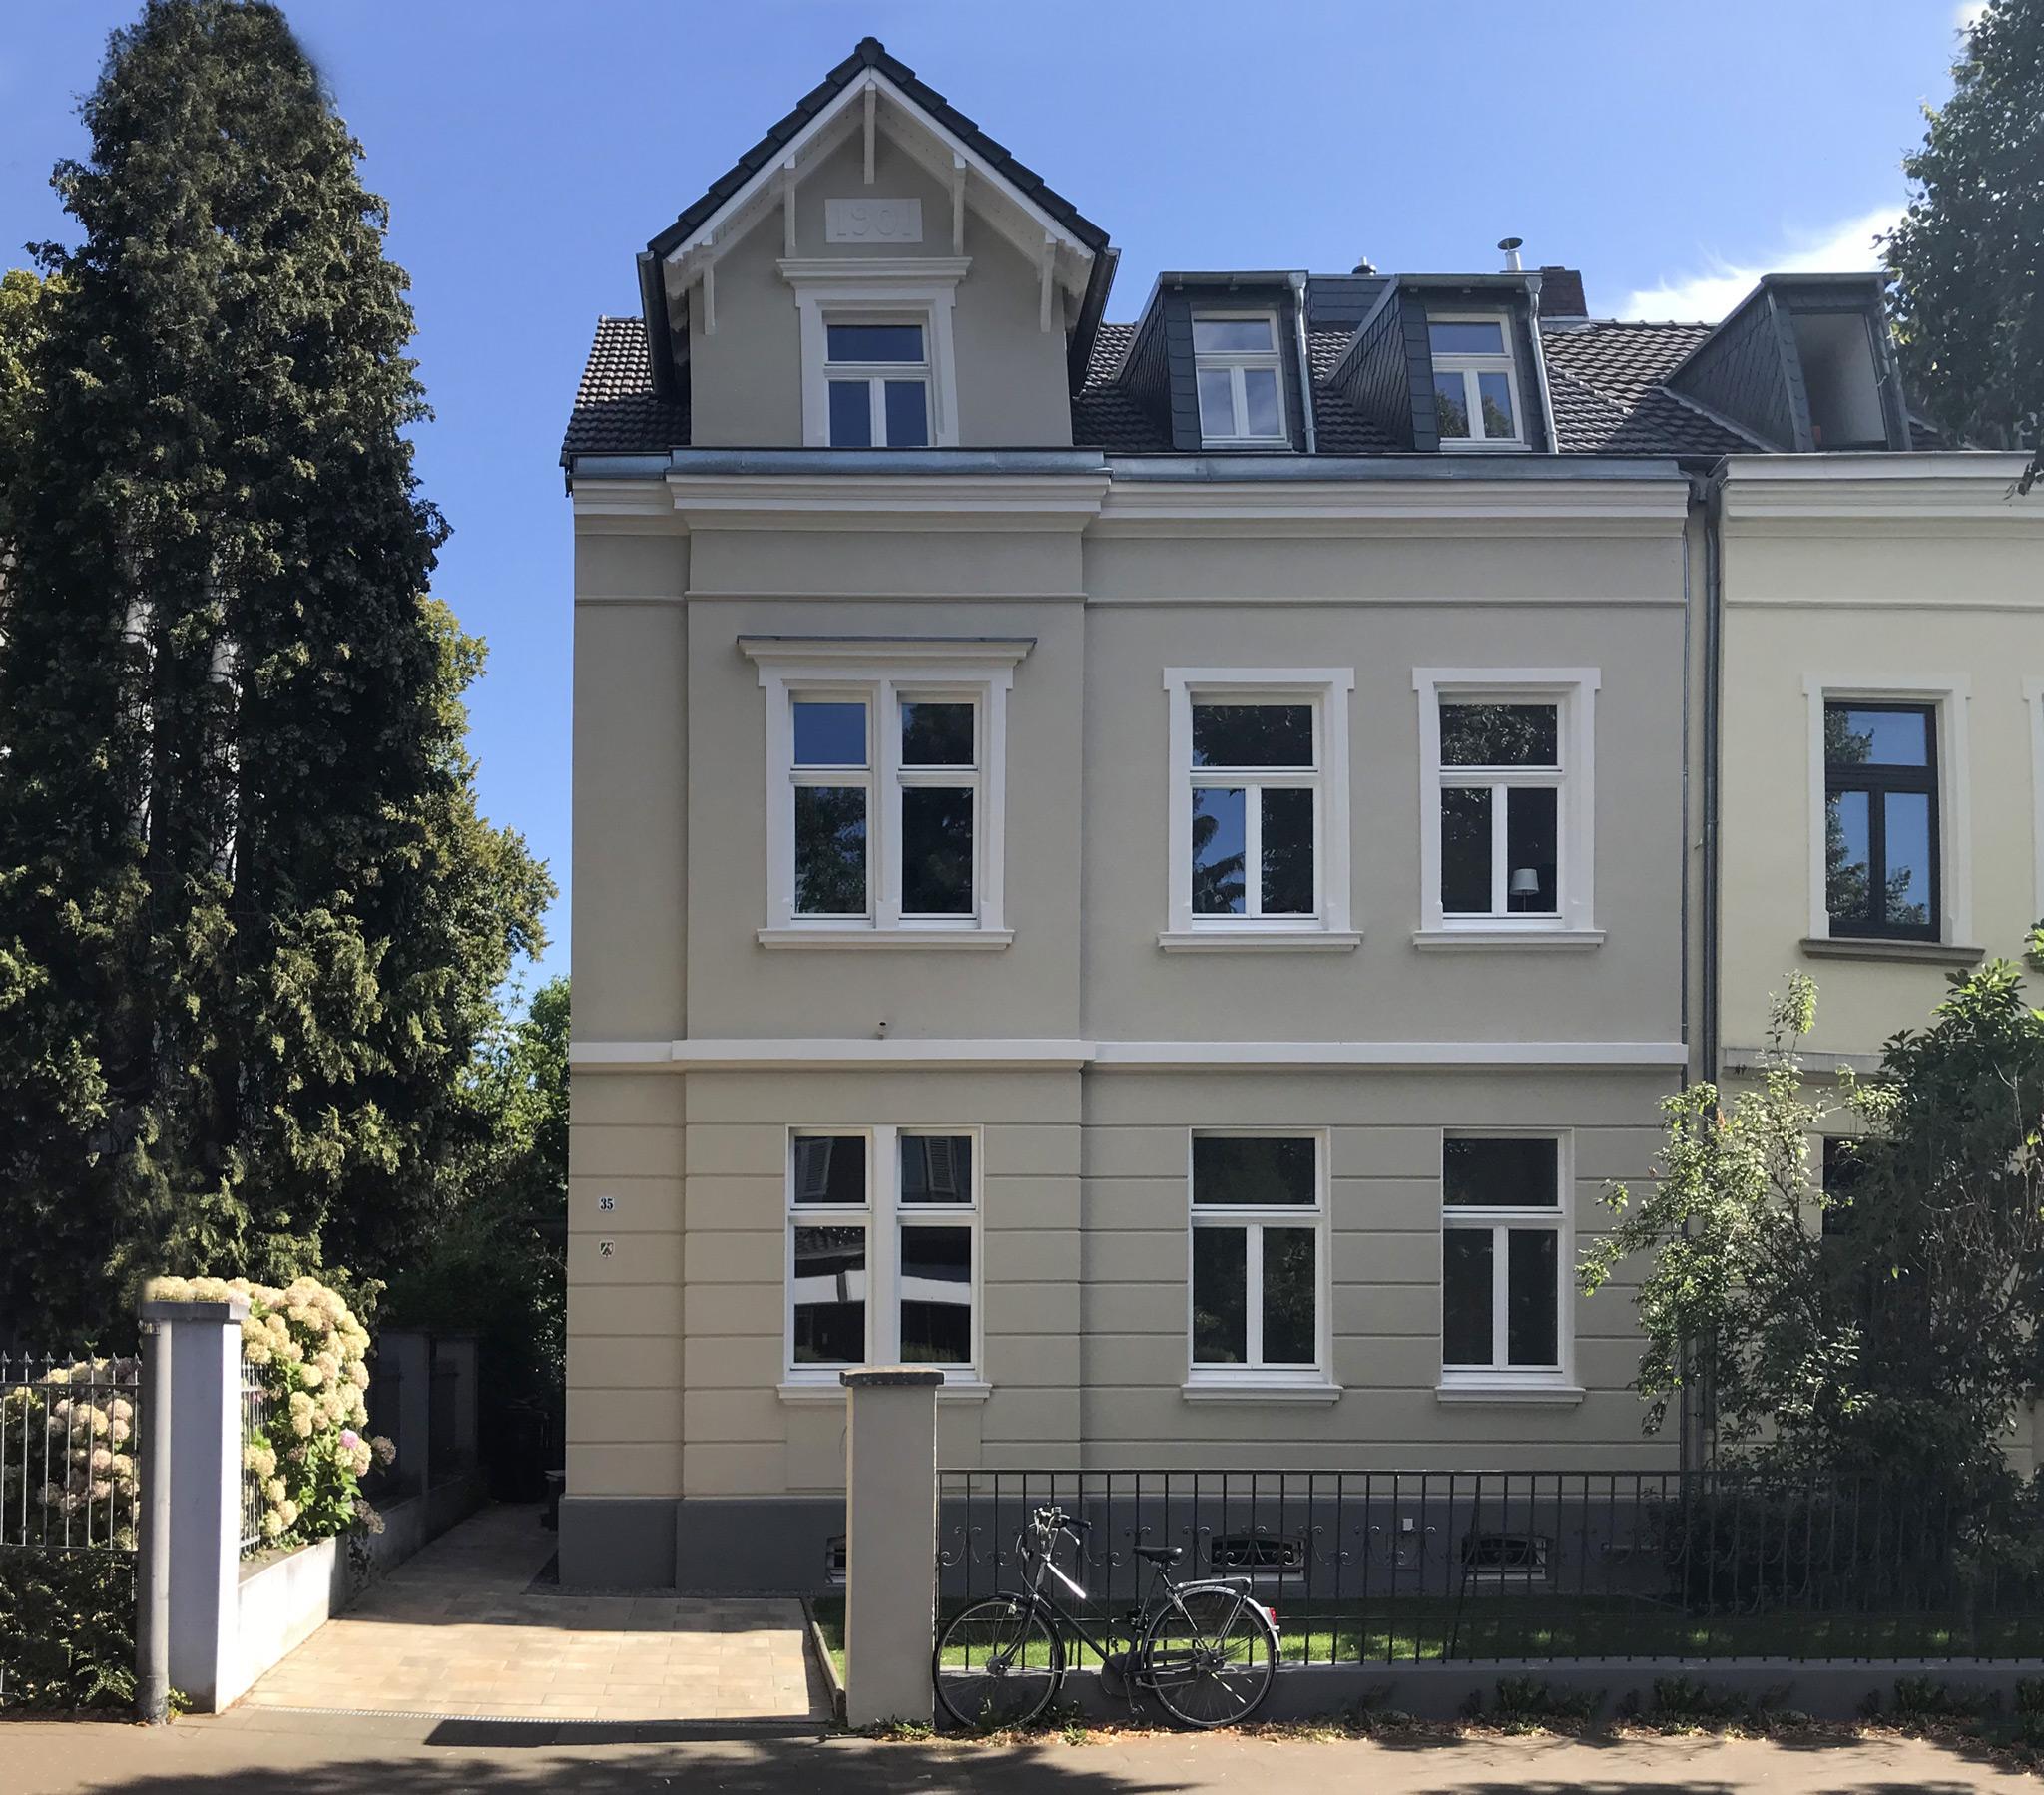 Sanierung eines Mehrfamilienhauses / Denkmalschutz